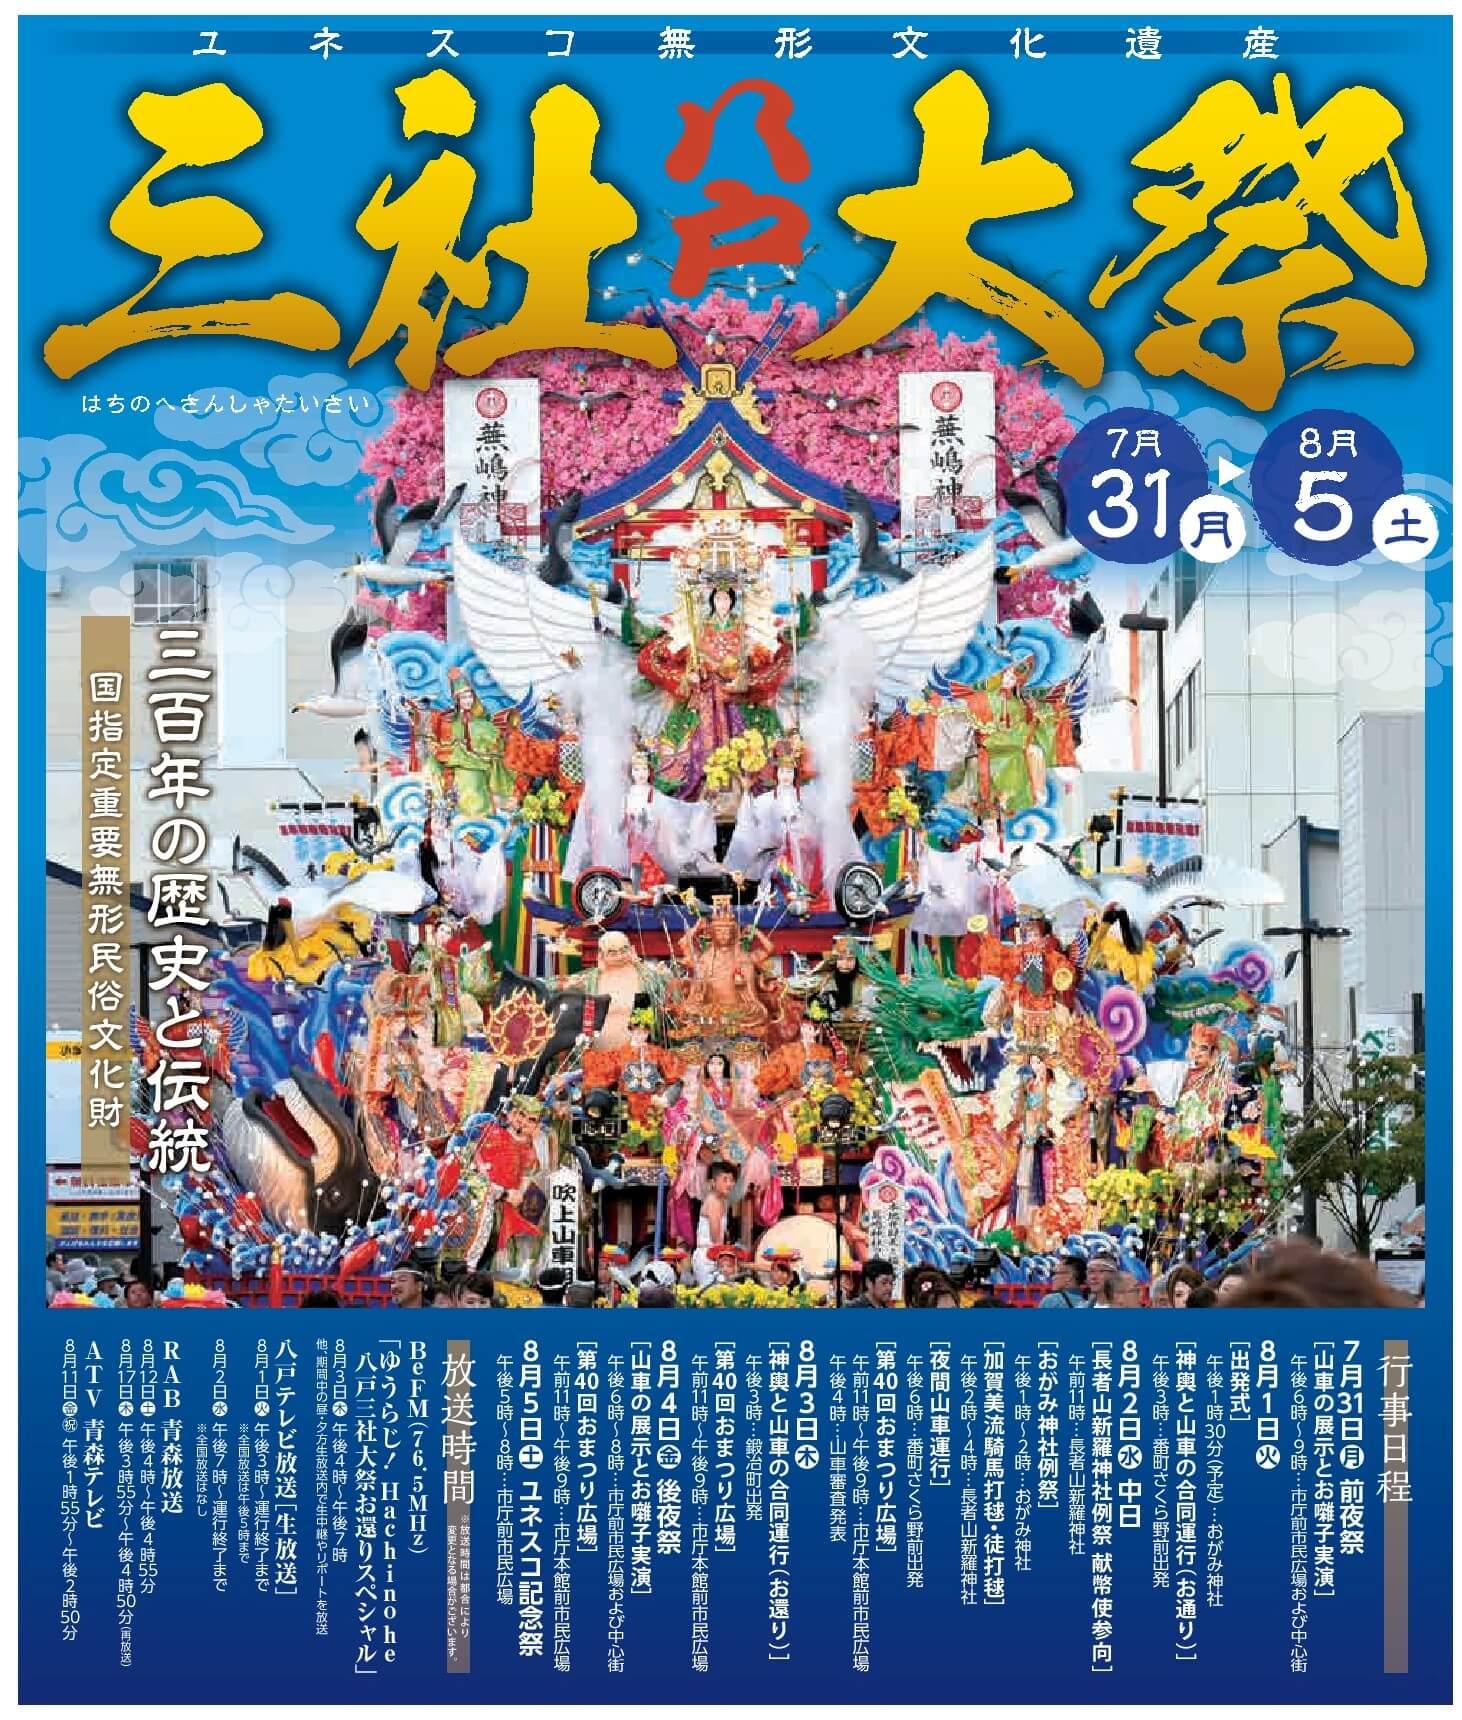 2017(平成29年)八戸三社大祭 山車の題名一覧・題材・場面 今年のチラシが公開されました!